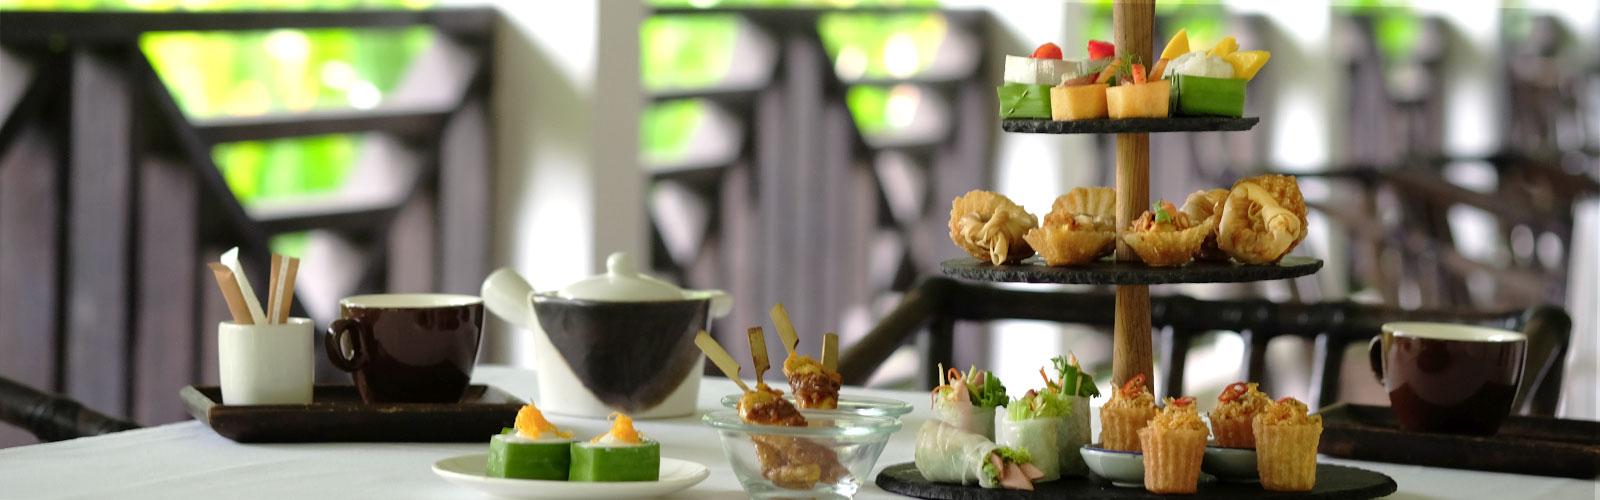 Thai Afternoon Tea at Tamarind Hill